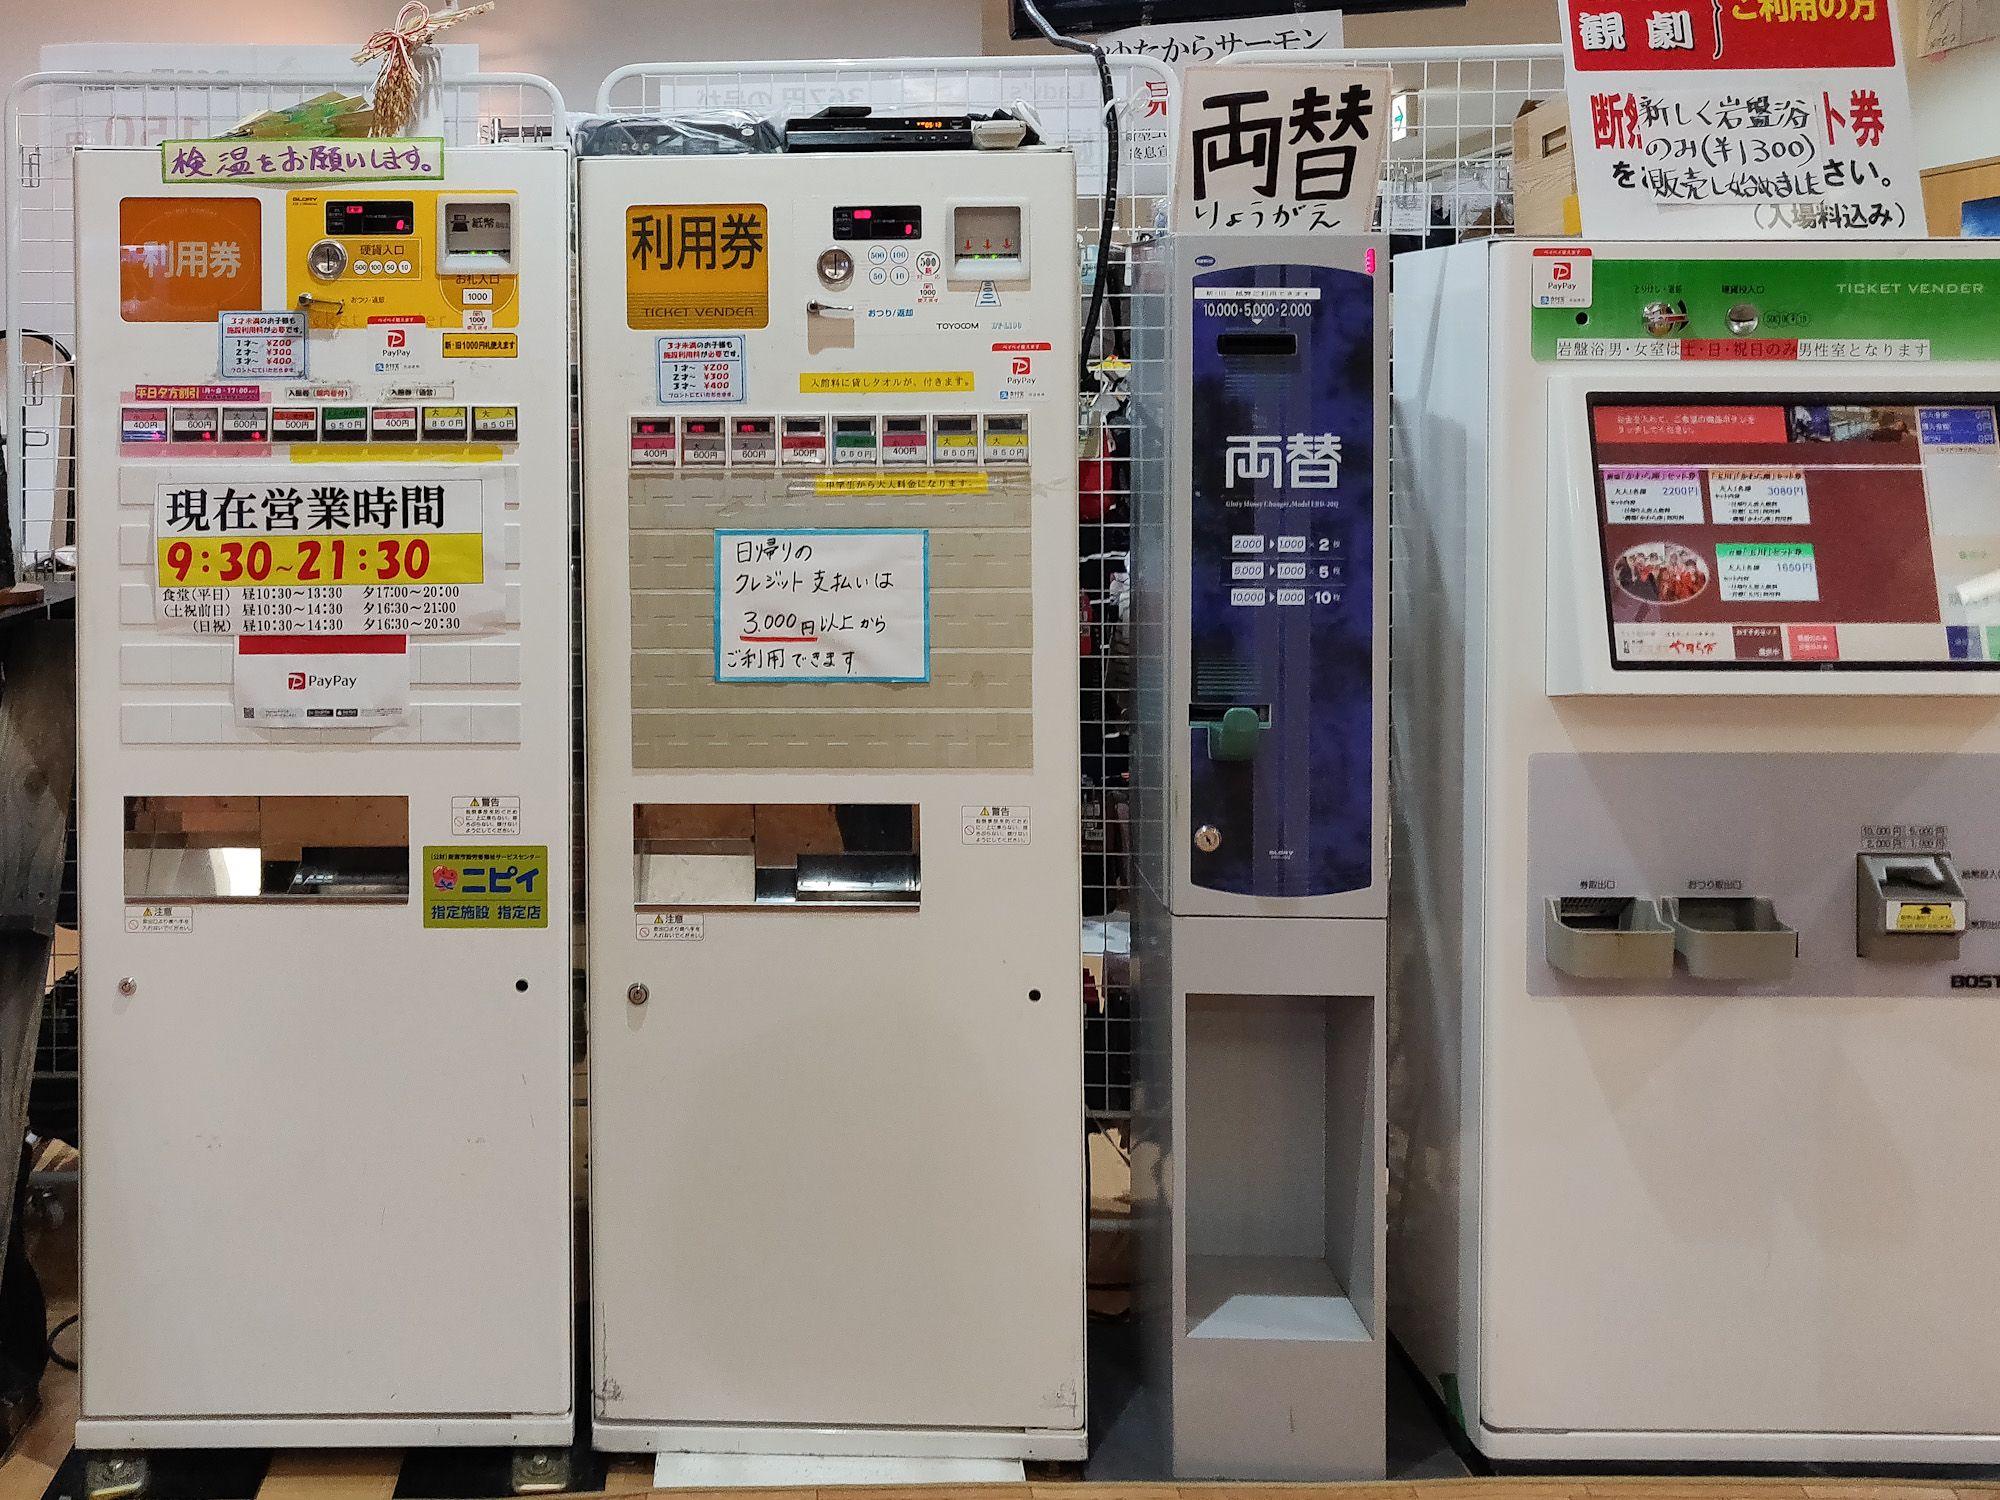 安田温泉 券売機